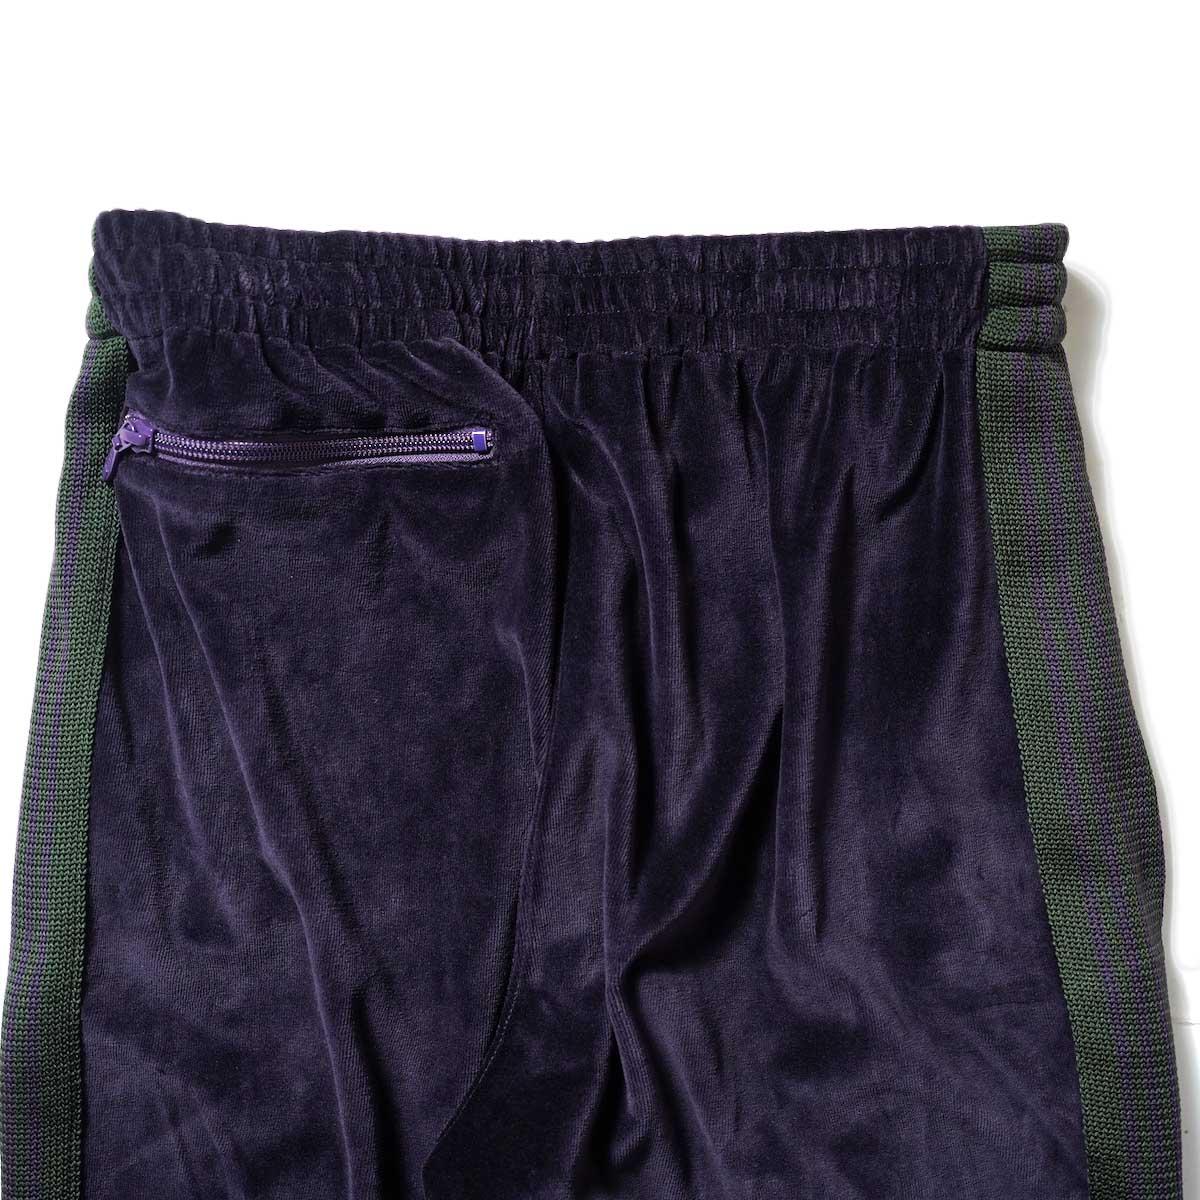 Needles / NARROW TRACK PANT - C/PE VELOUR (Eggplant)ヒップポケット